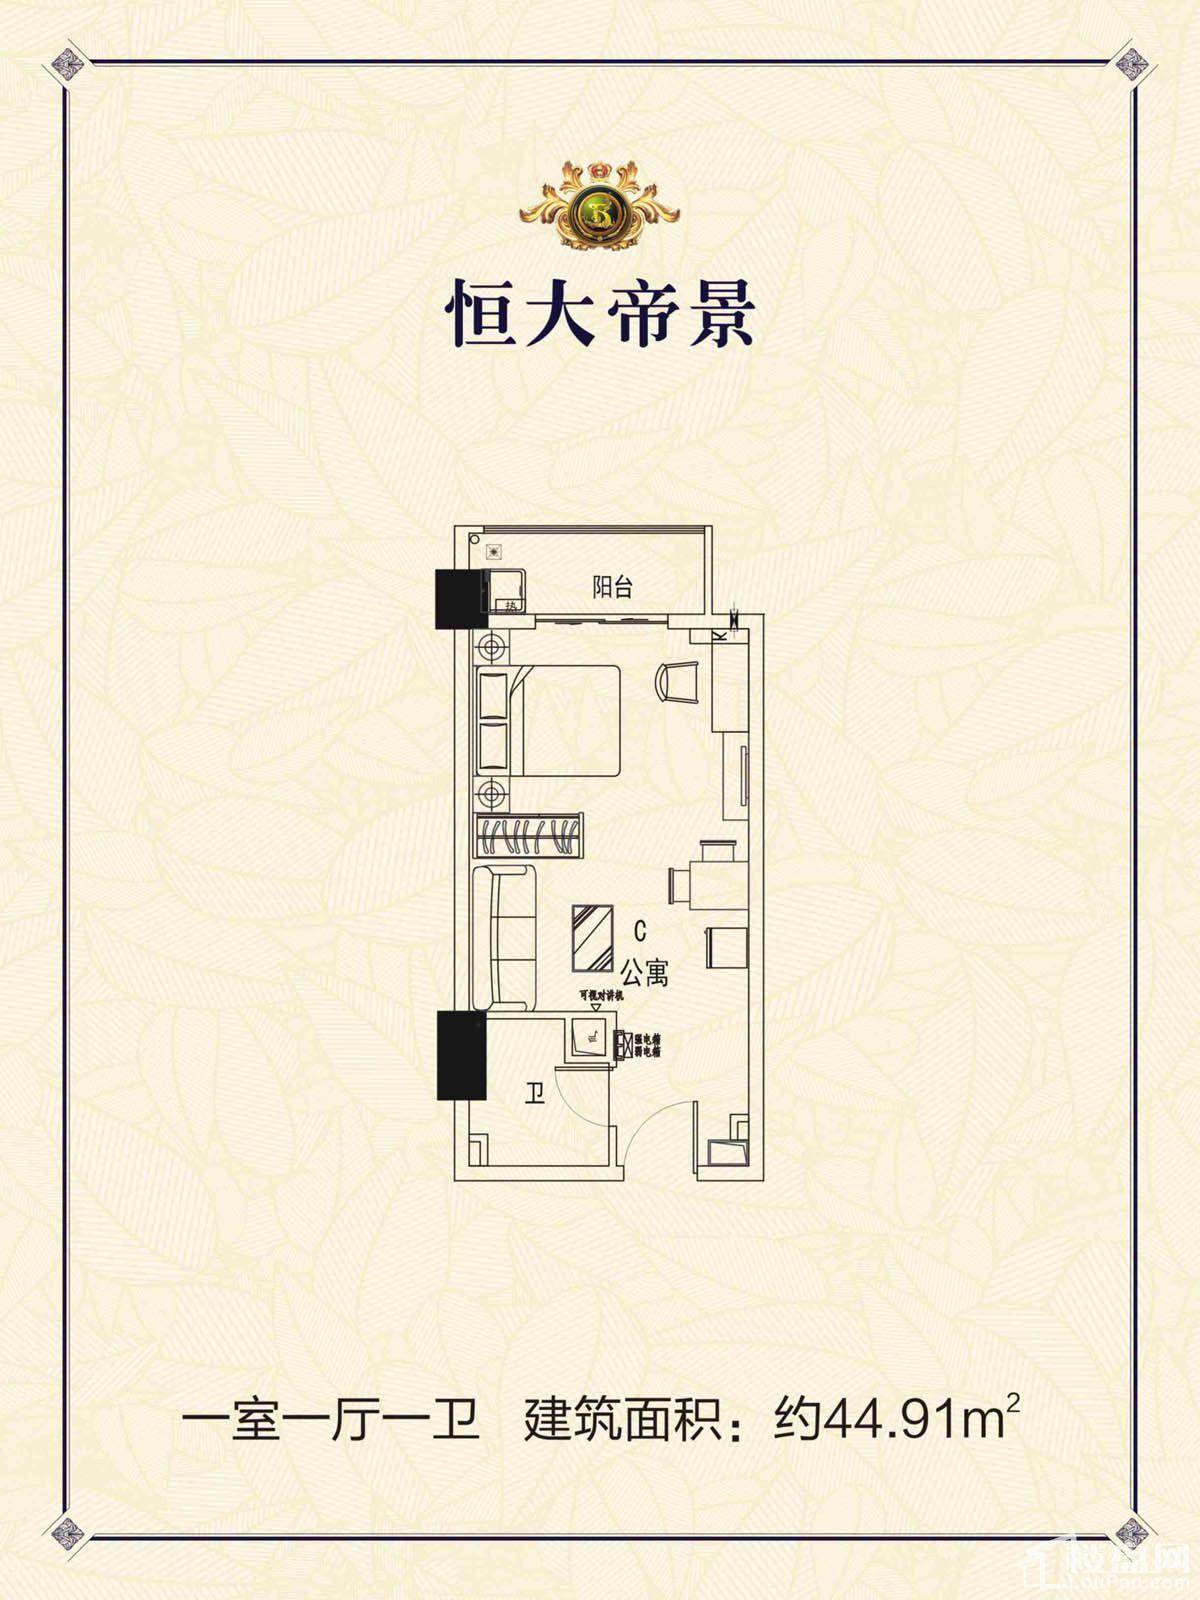 恒大帝景公寓